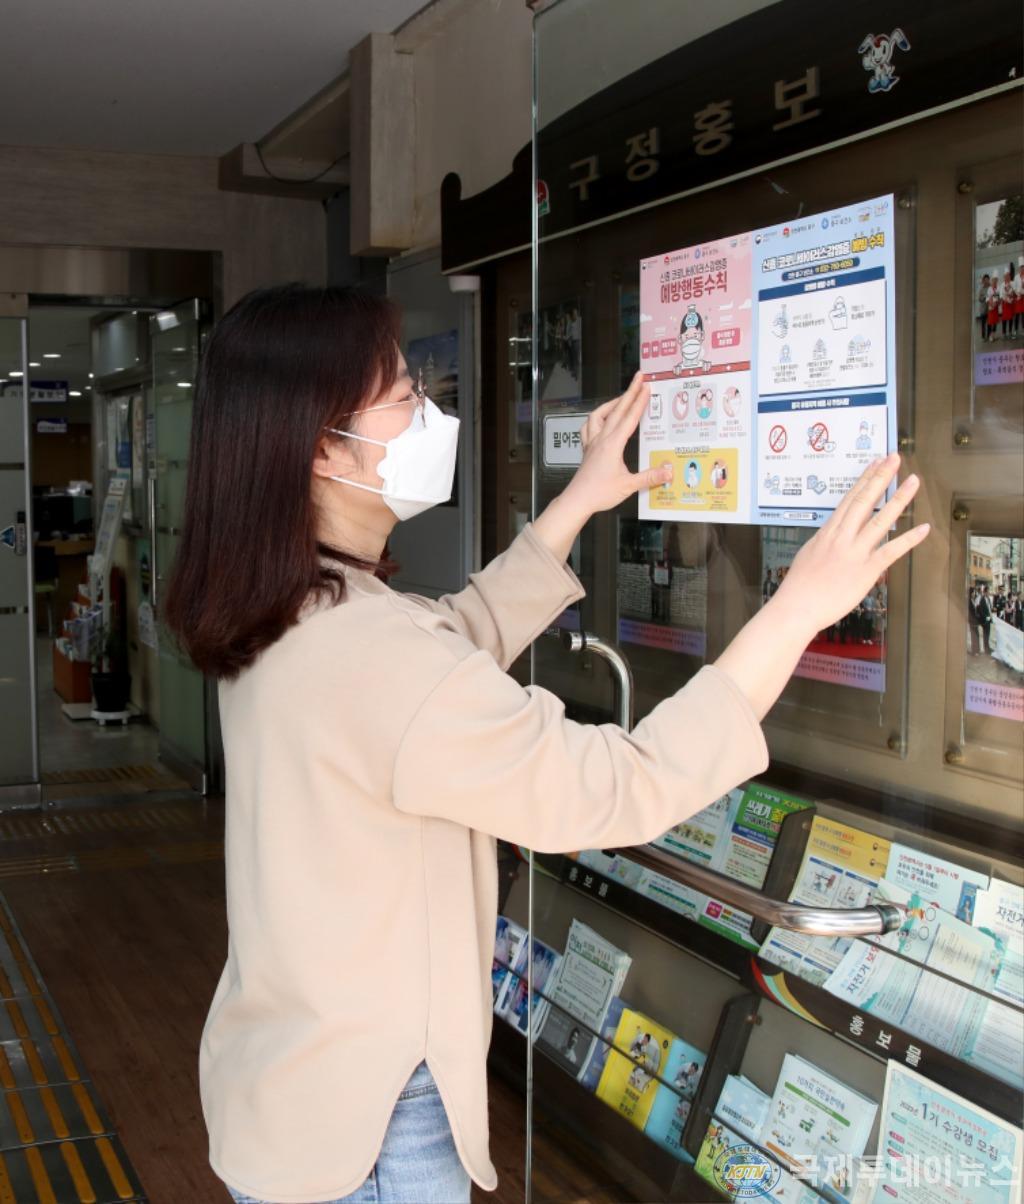 1-1 보도자료 사진(인천 중구 신종 코로나바이러스 감염증 차단 총력).JPG